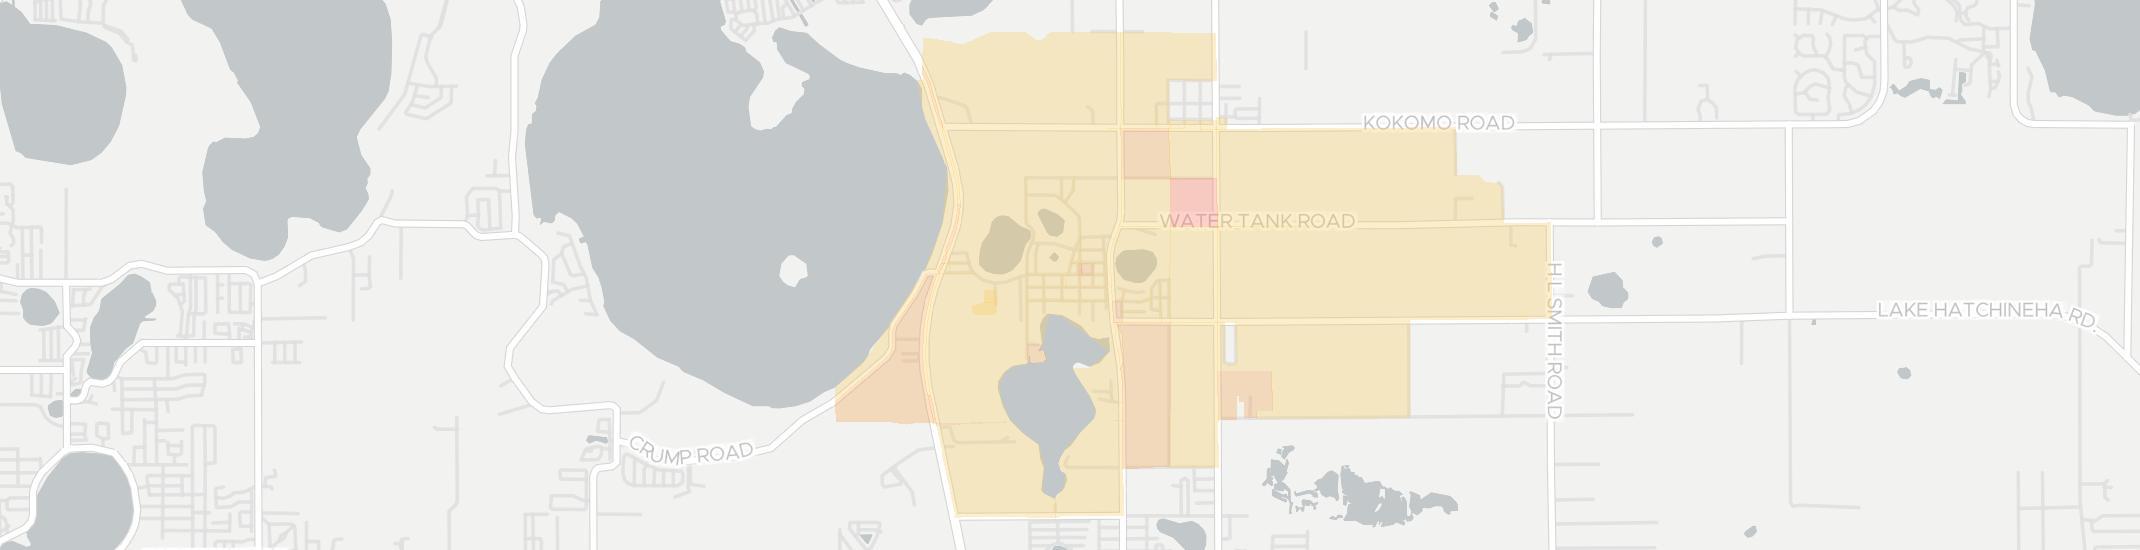 Internet Providers In Lake Hamilton Compare 10 Providers